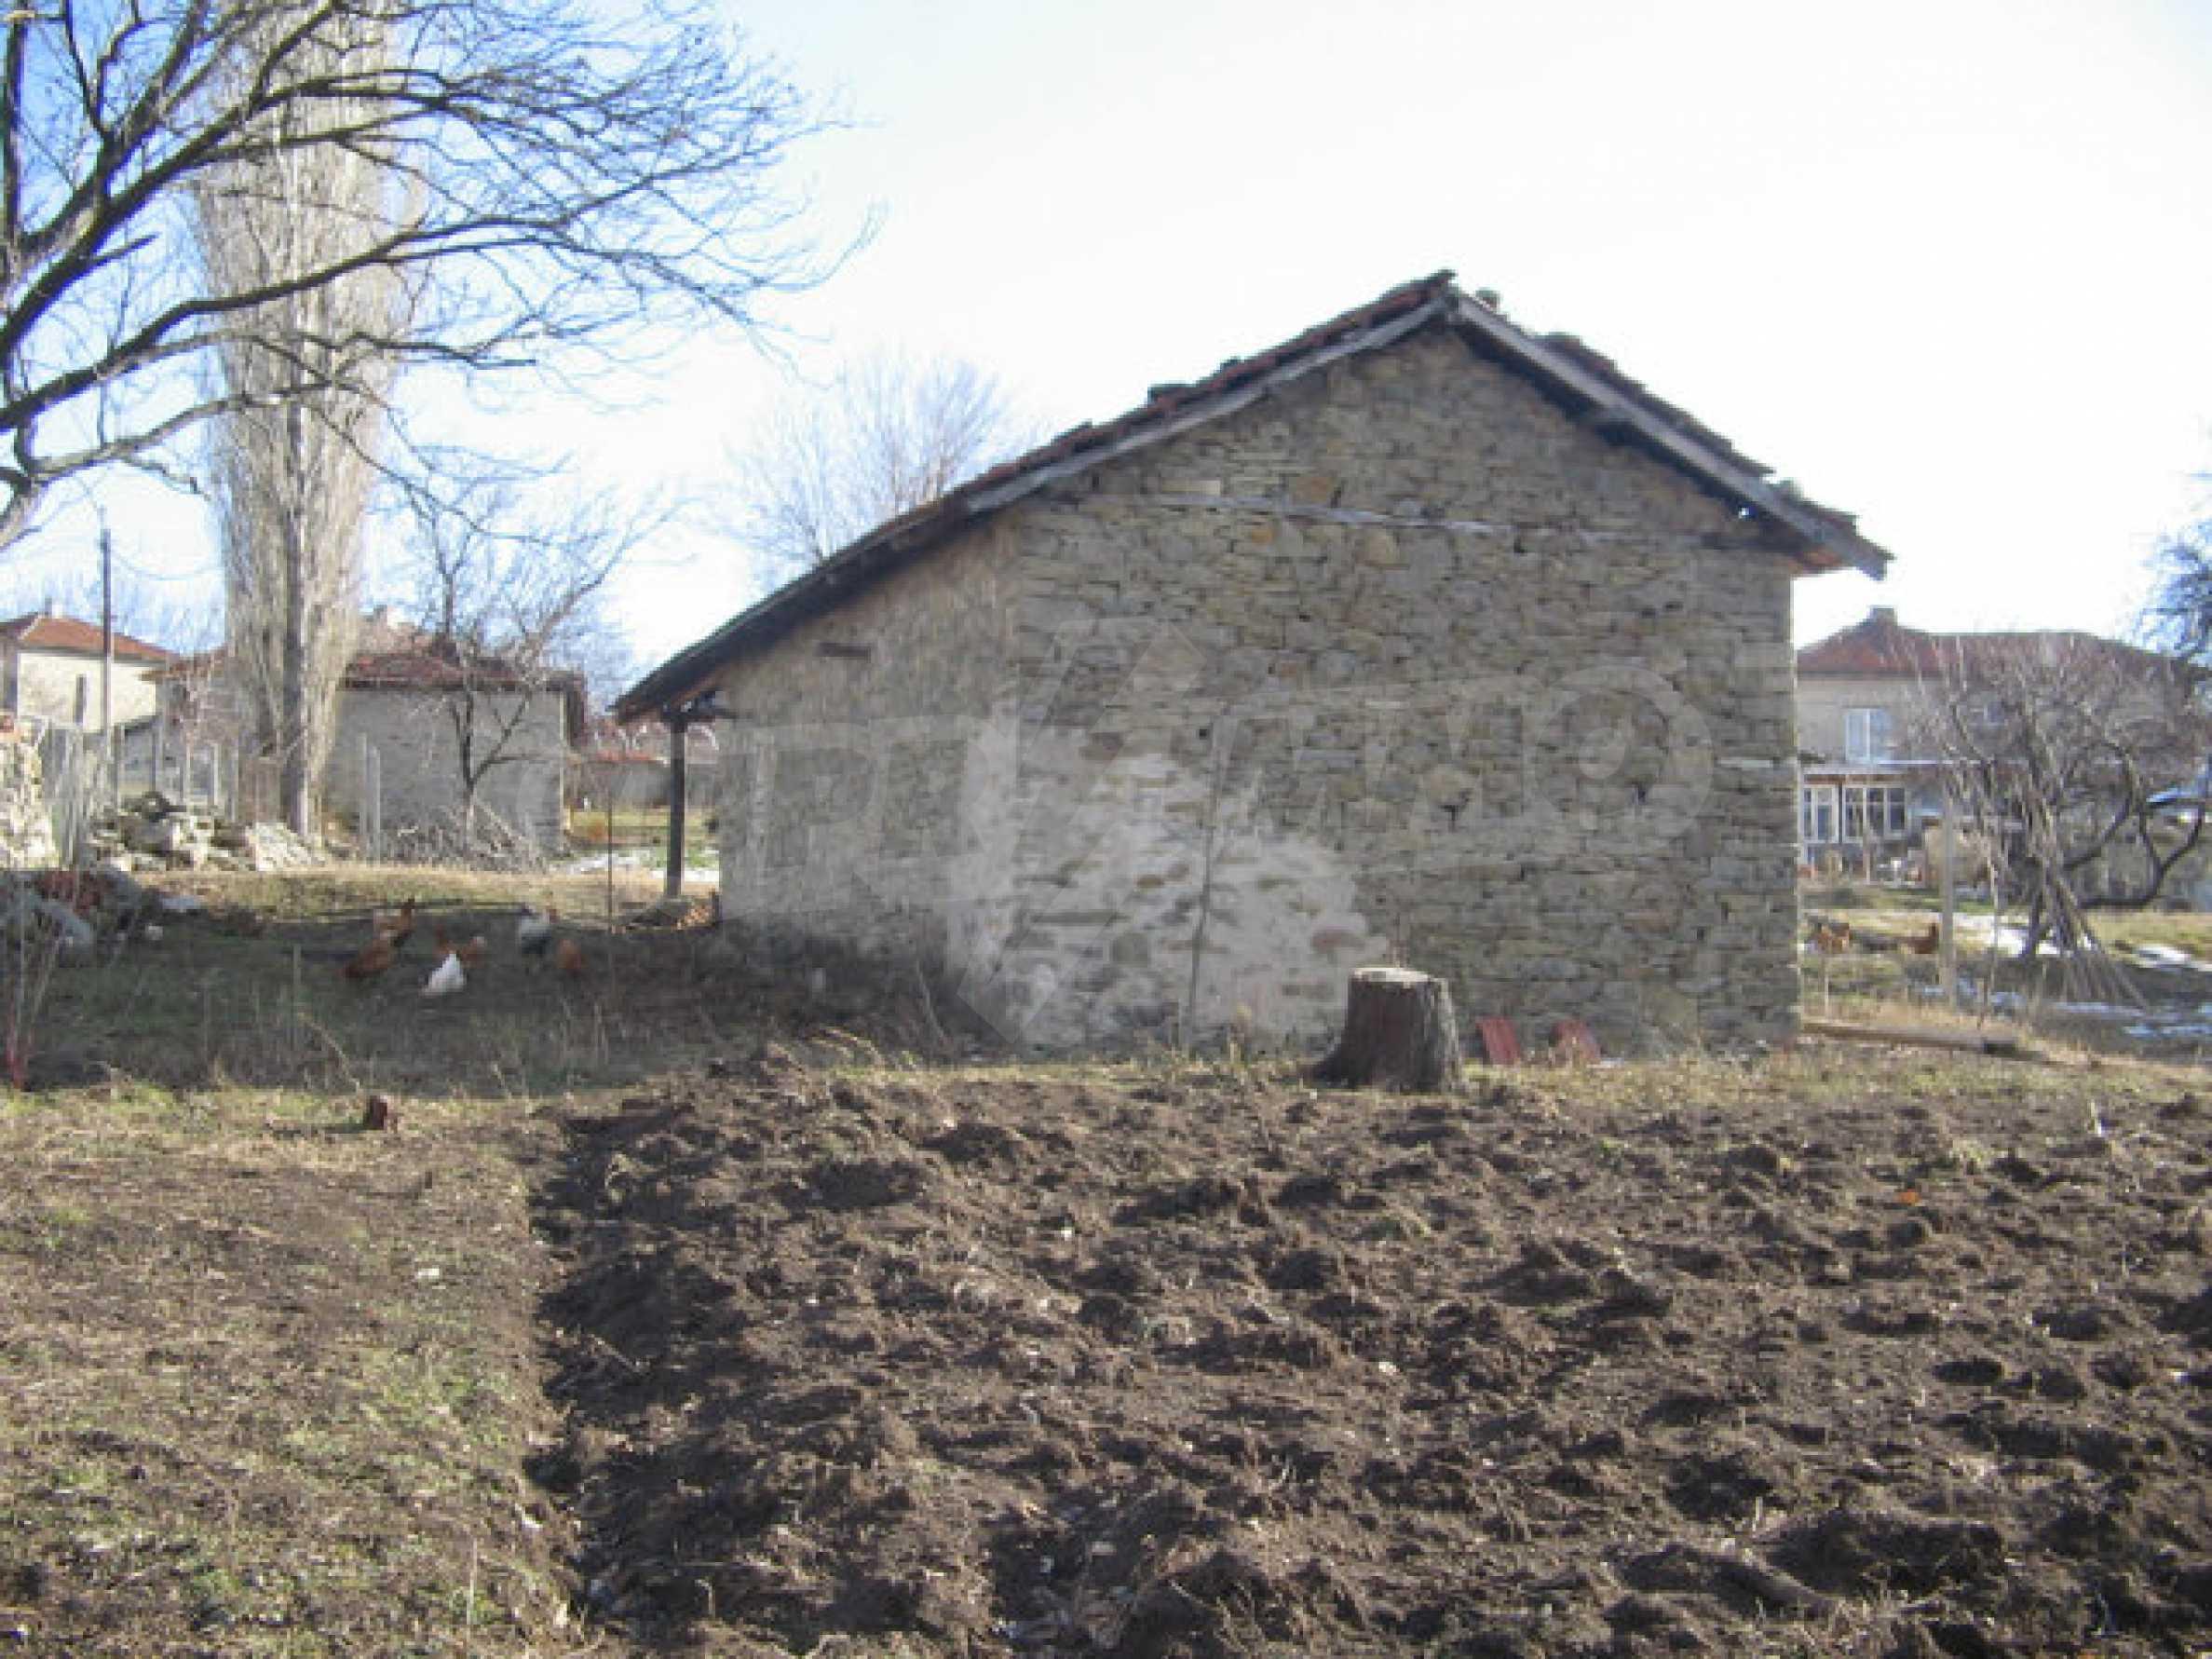 Ein Grundstück zum Verkauf in einem Dorf 32 km von Kardjali entfernt 5